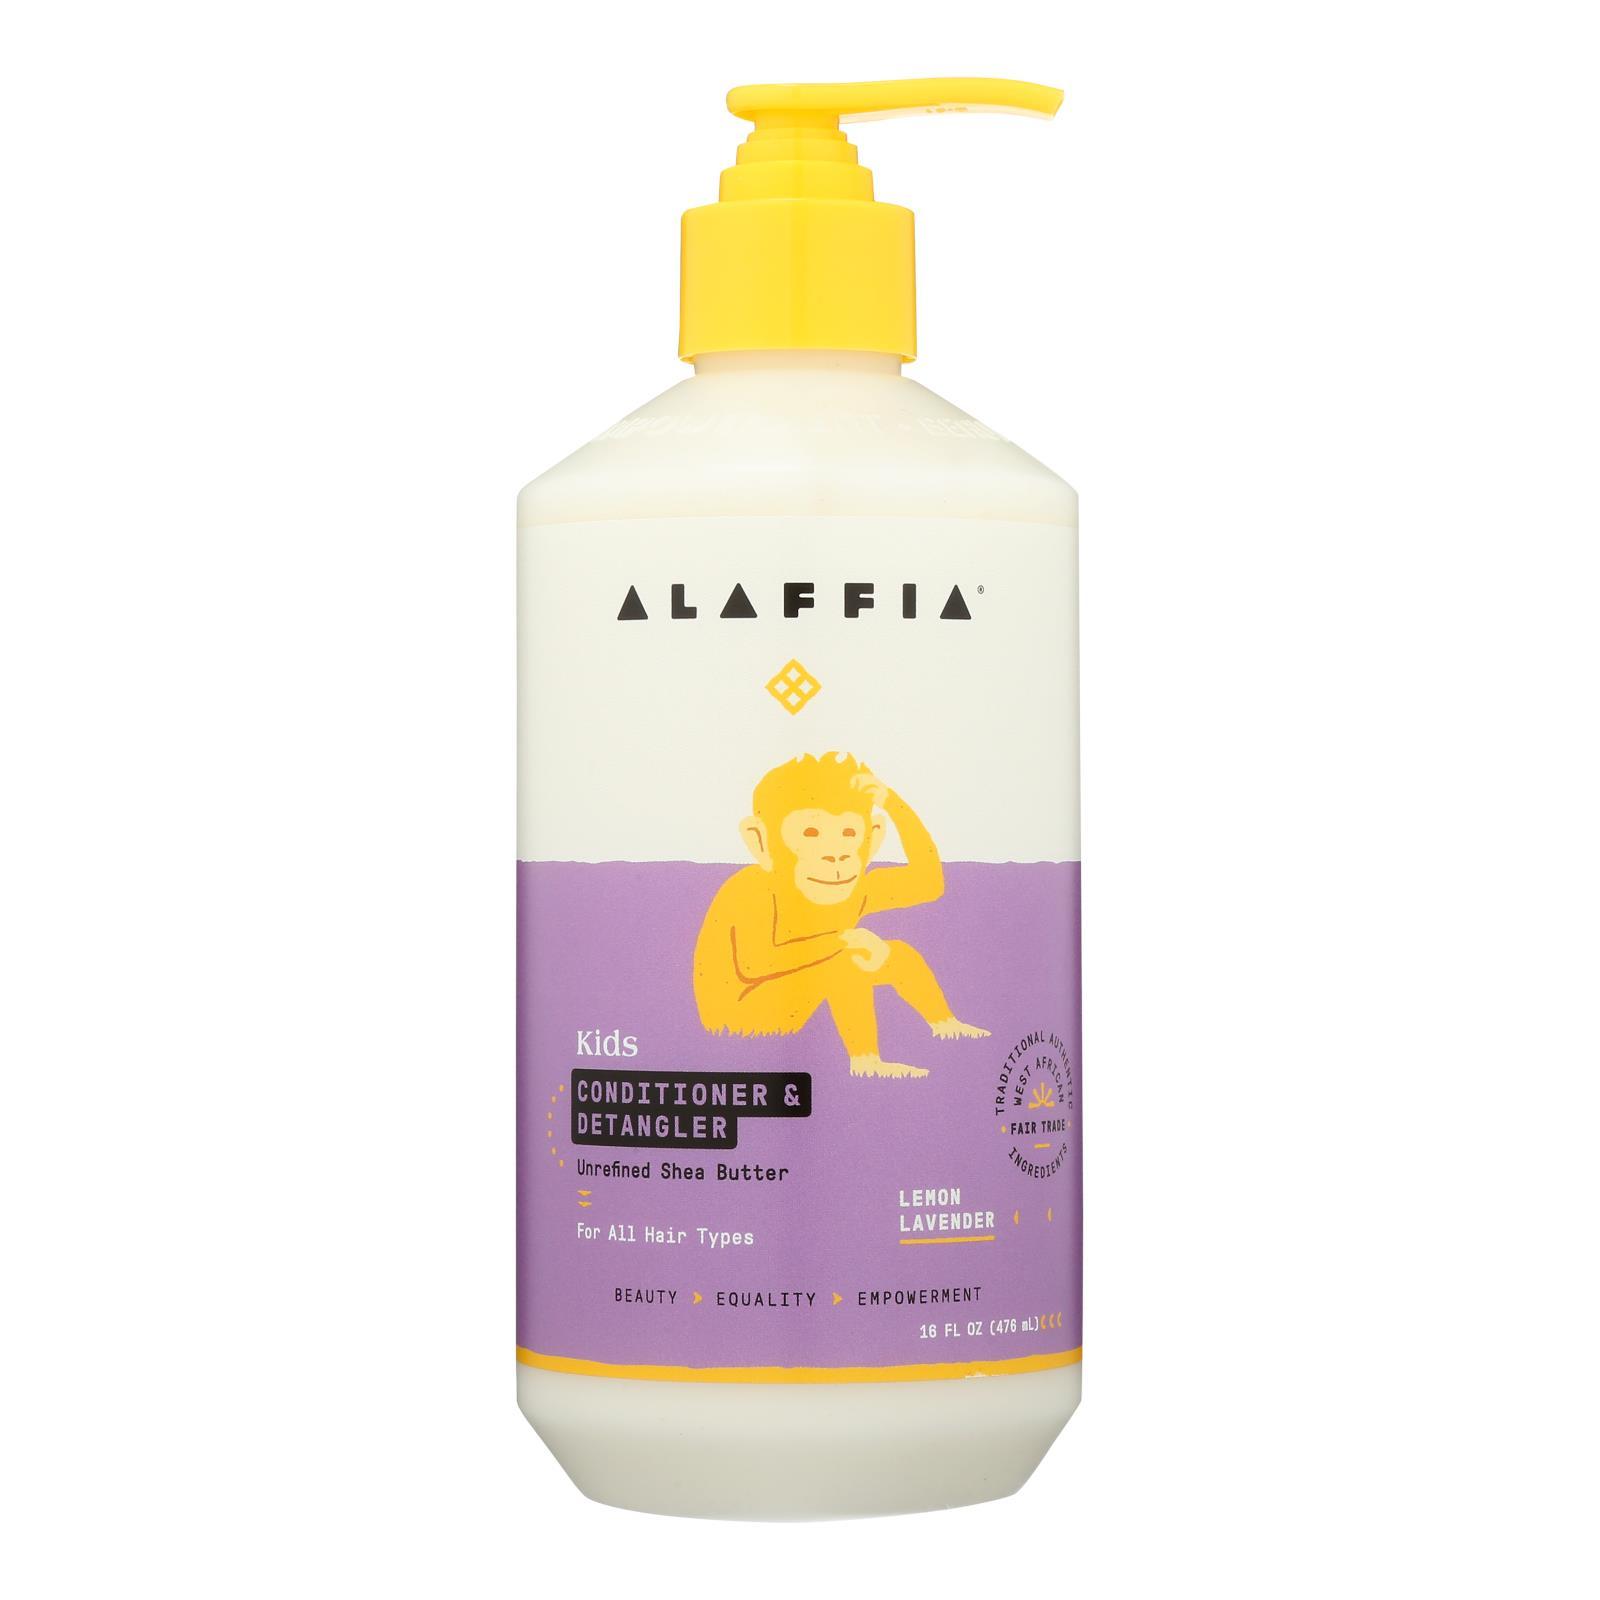 Alaffia - Everyday Conditioner and Detangler - Lemon Lavender - 16 fl oz.